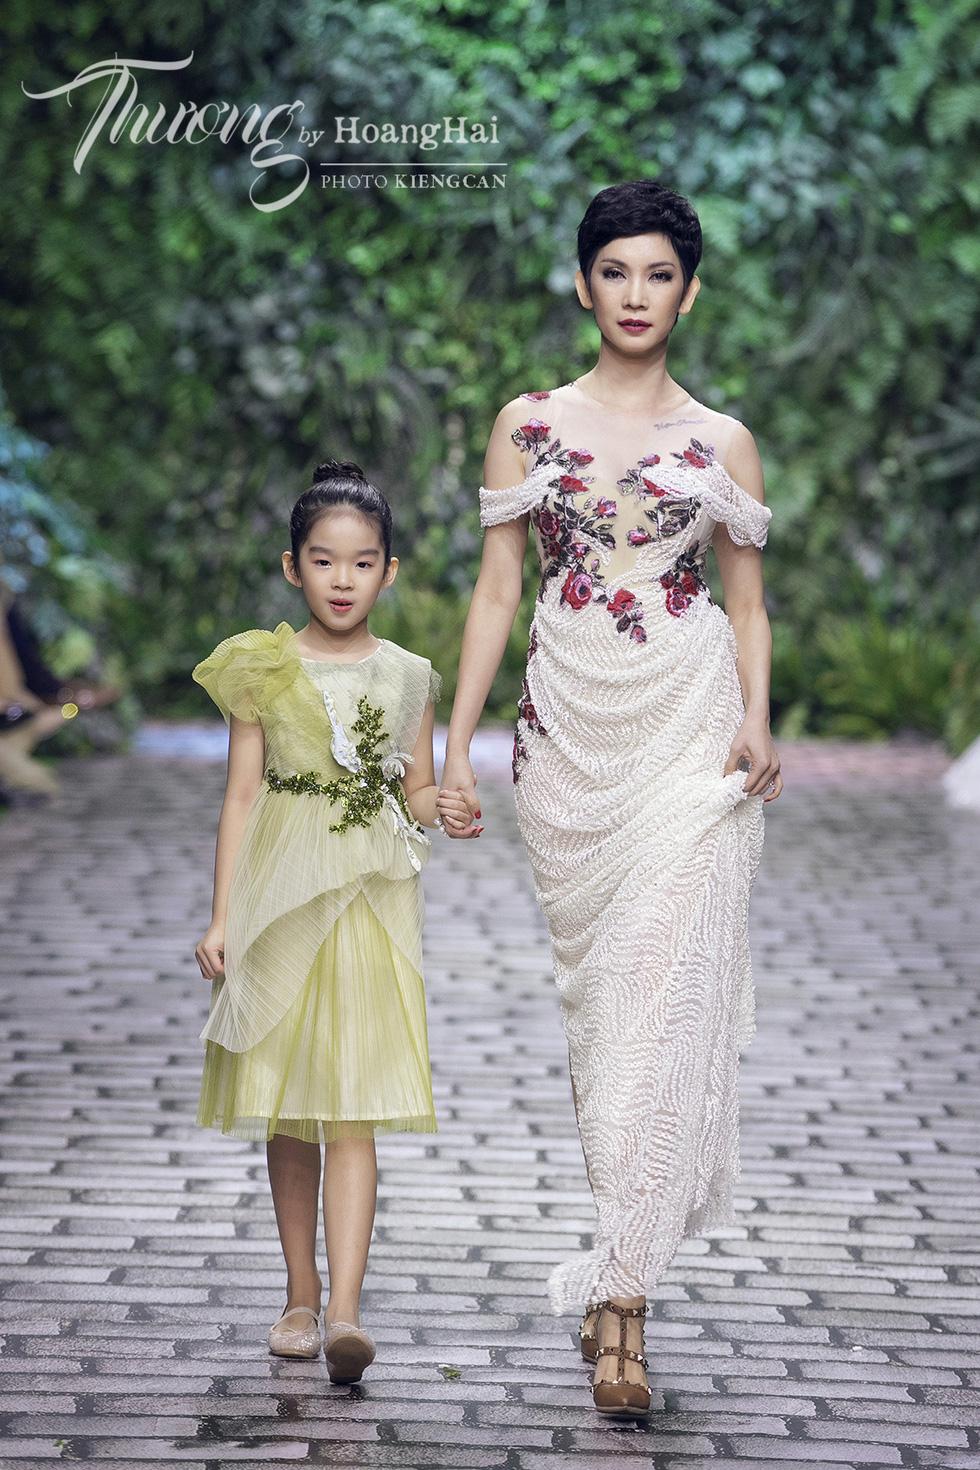 Dàn siêu mẫu, hoa hậu tái xuất rạng rỡ tại Thương by Hoàng Hải - Ảnh 9.